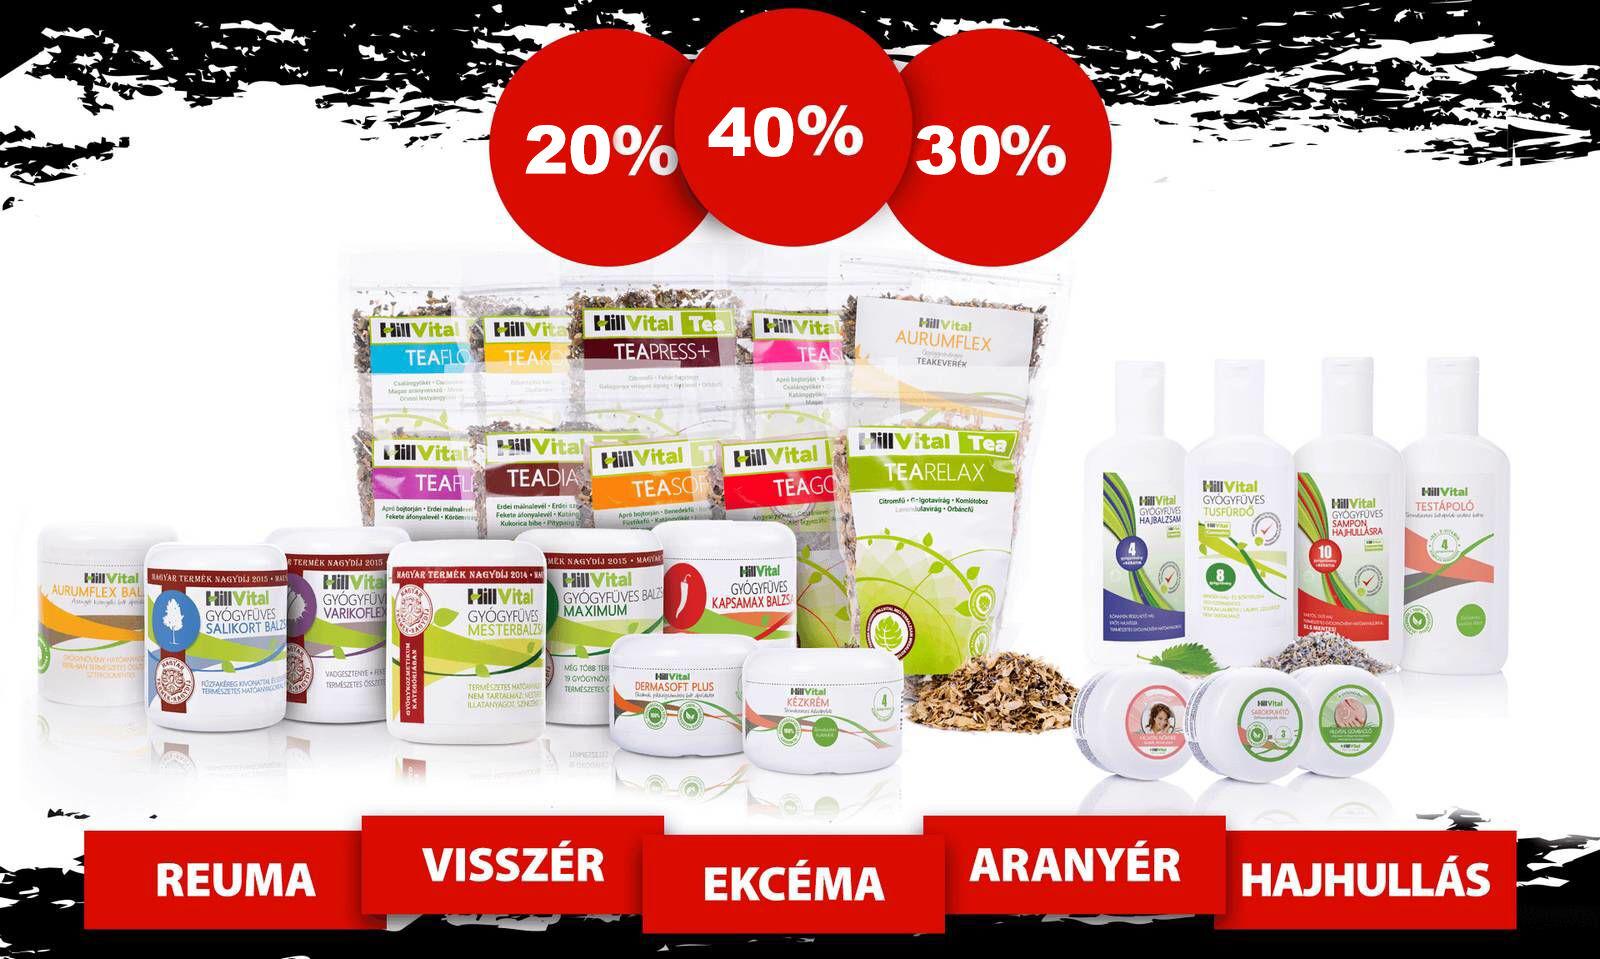 HillVital - Black Friday - Gyógynövényes termékek nagyon olcsón, 24 órán keresztül.